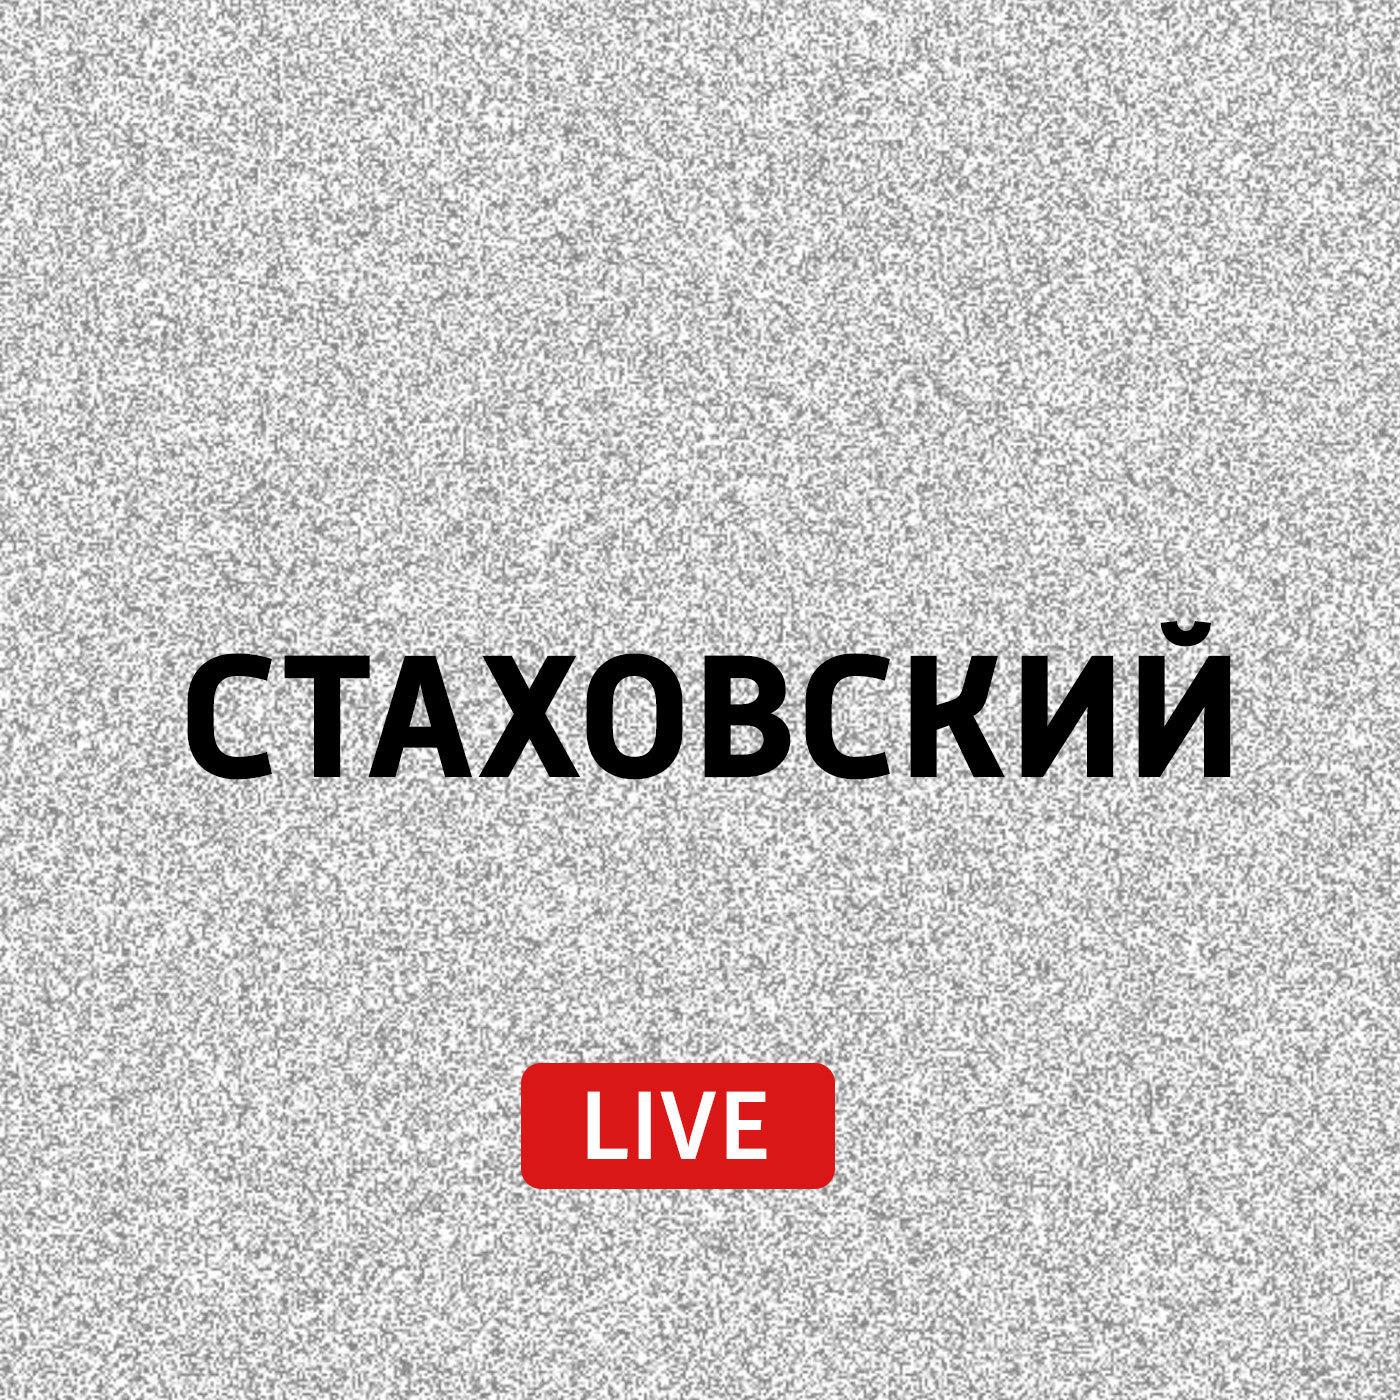 Евгений Стаховский Паскаль и тщеславие евгений стаховский жить полной жизнью